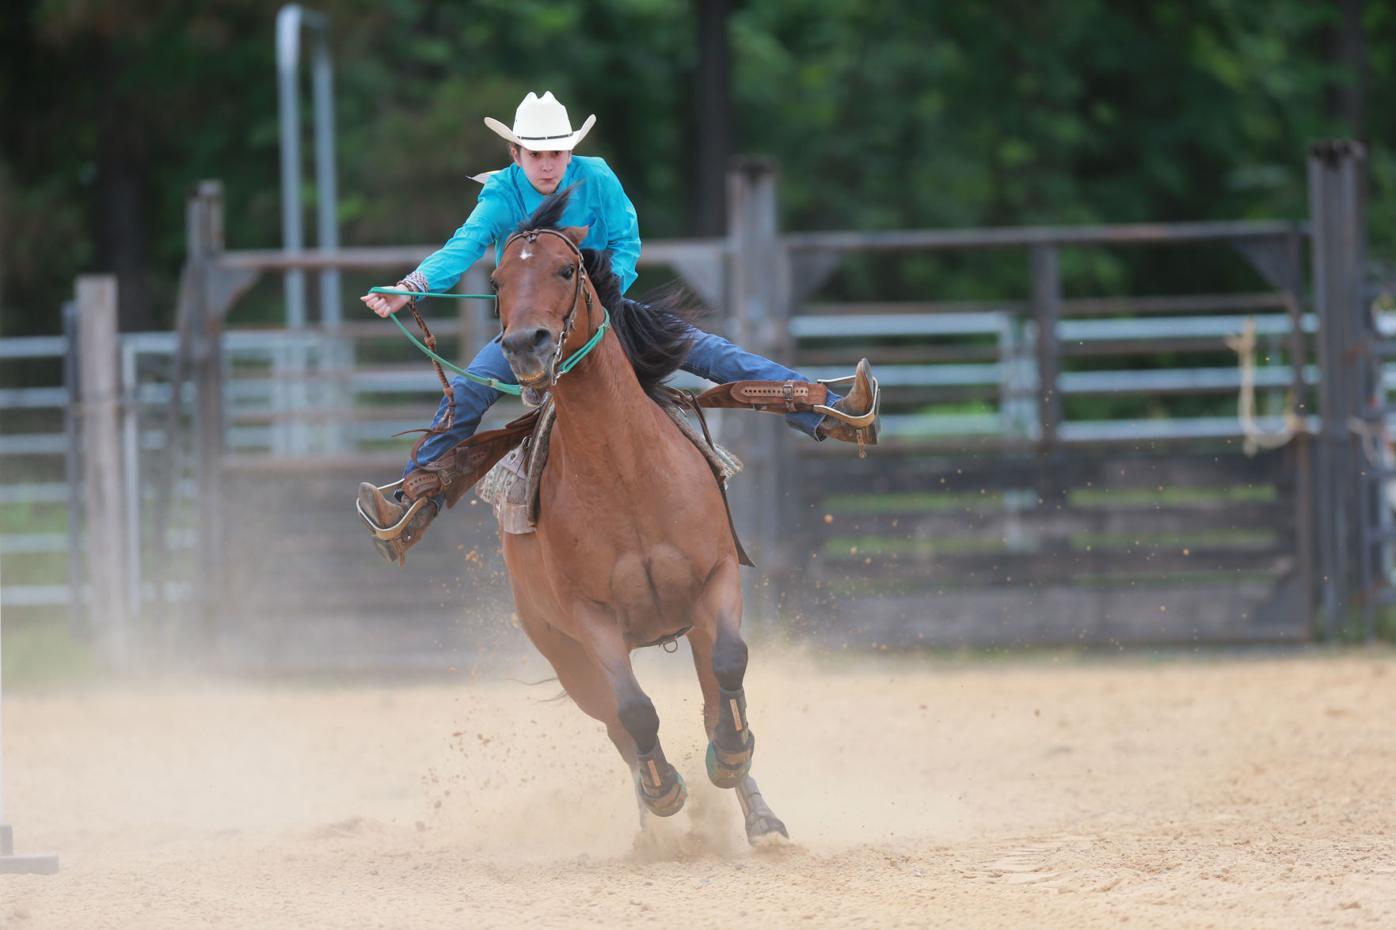 djr-2021-06-04-relig-rodeo-twp2